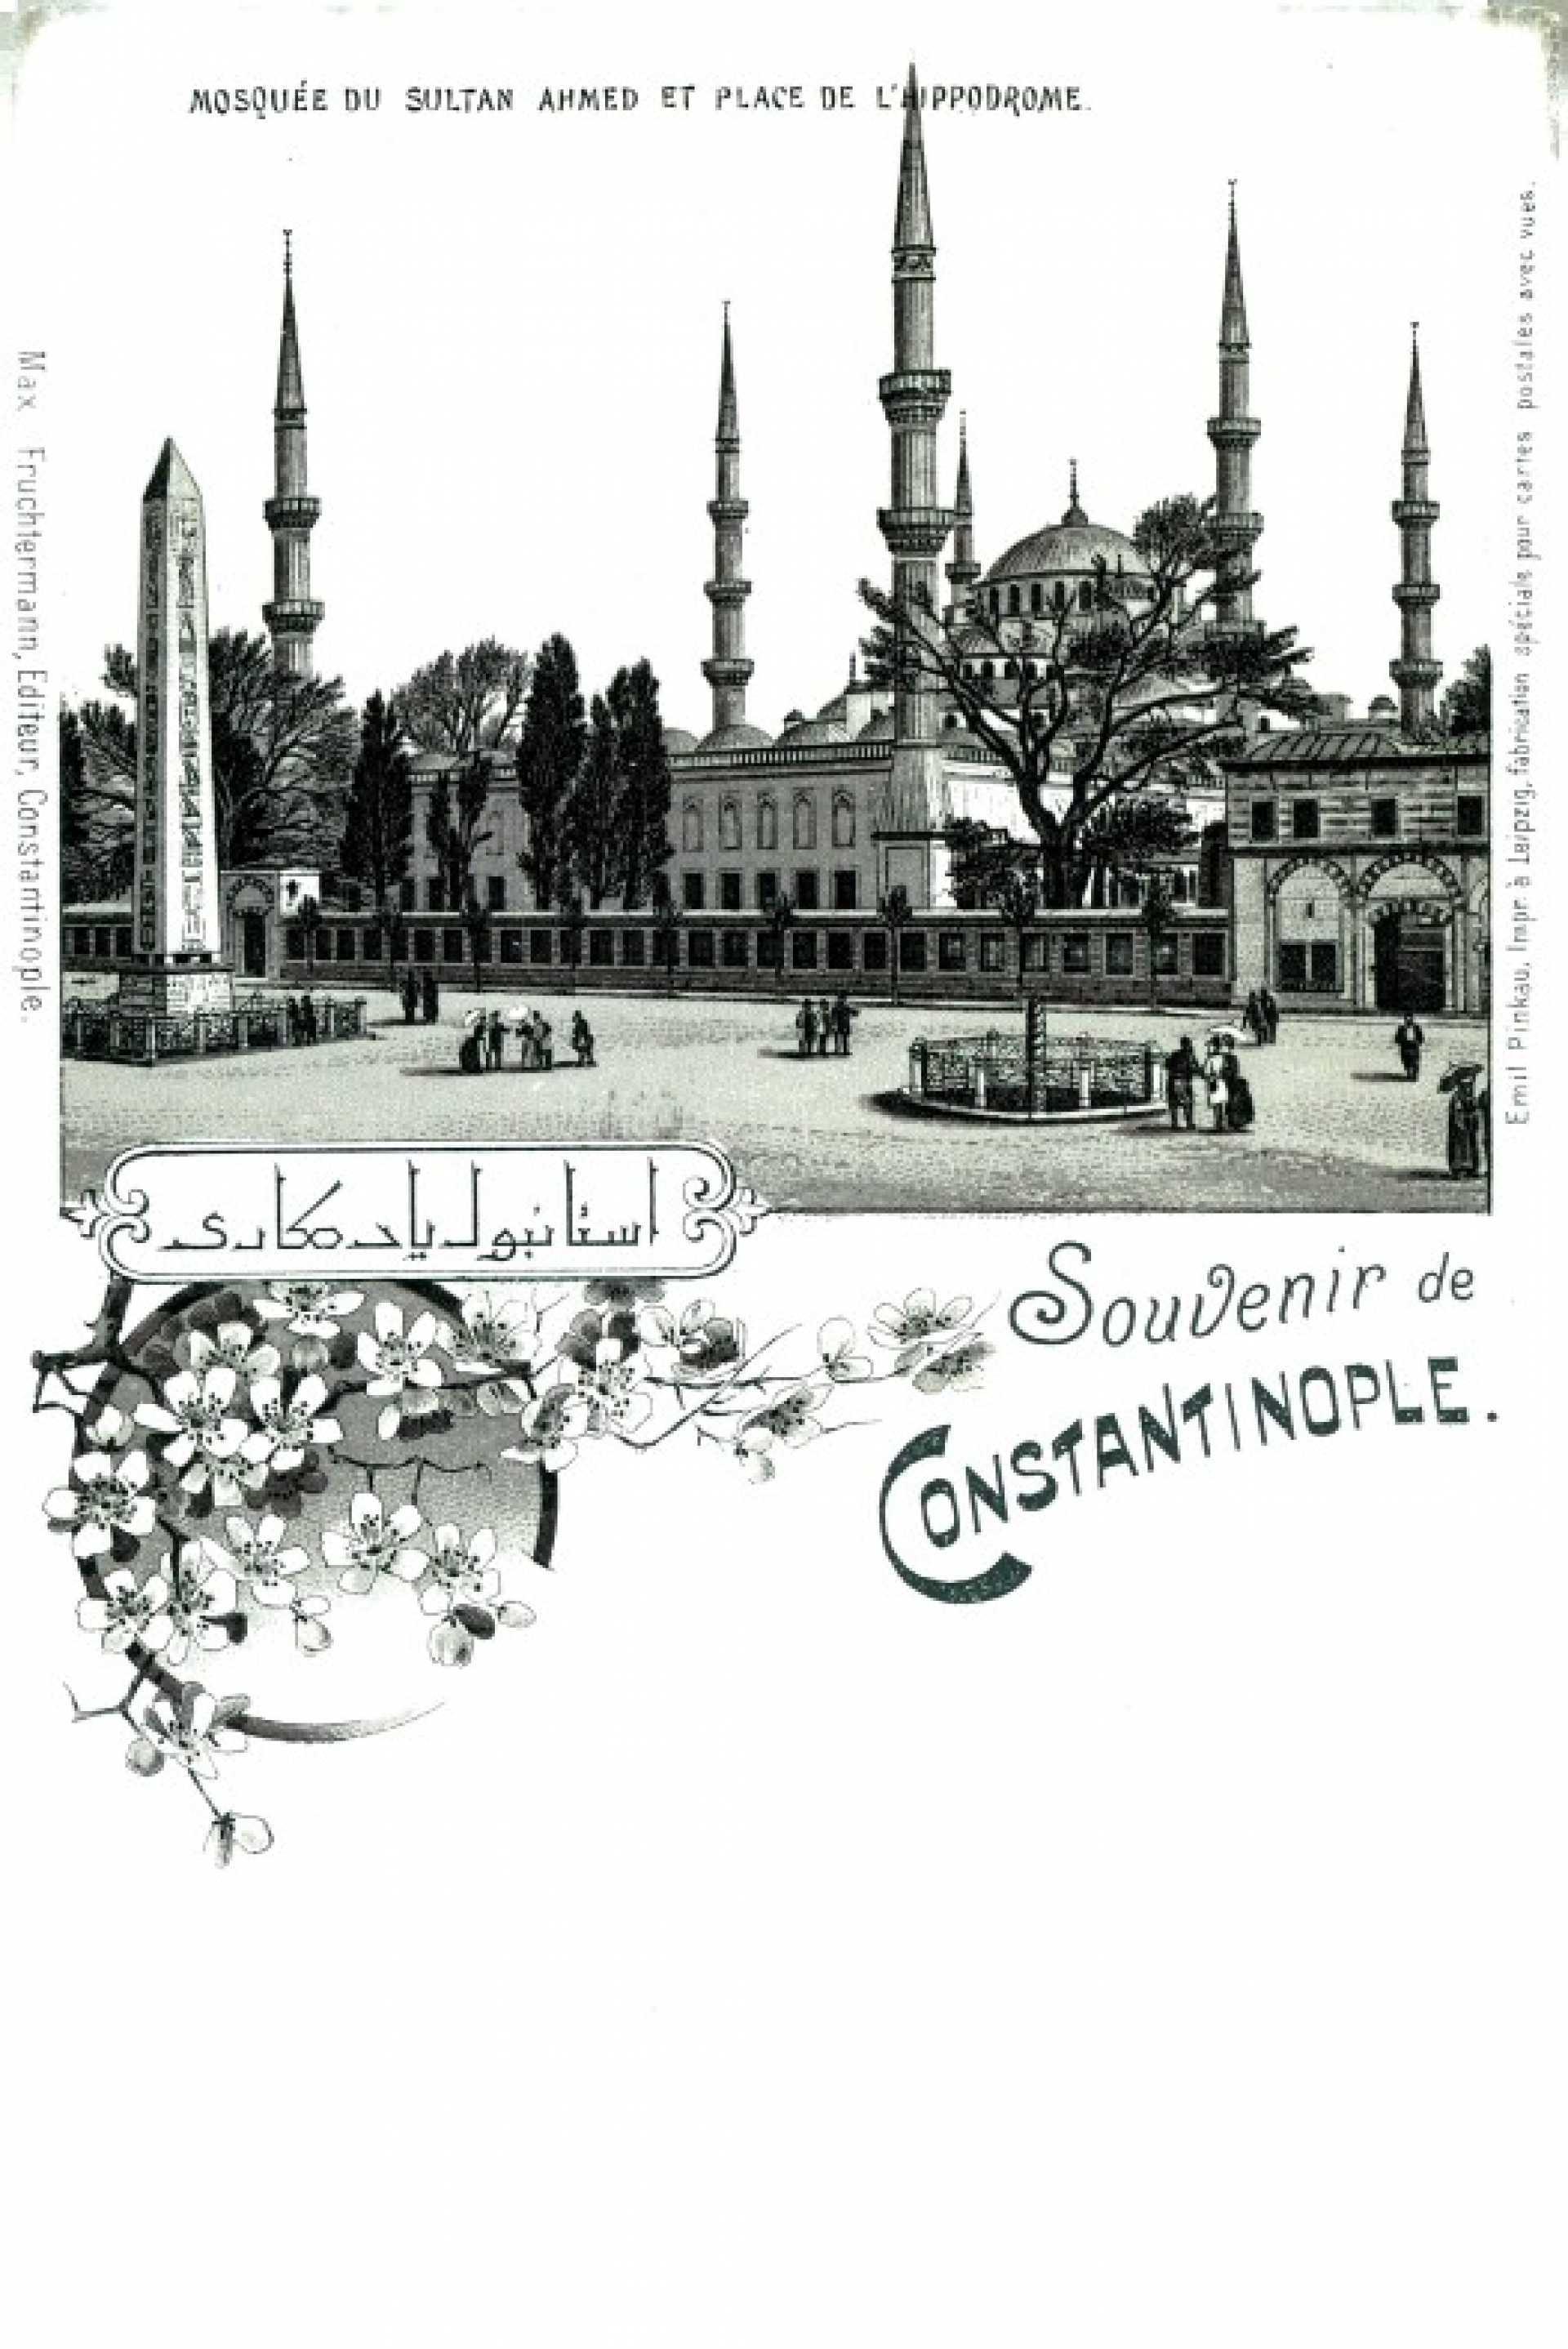 Souvenir de Constantinople. mosquee de Sultan Ahmed et Place de L'Hippodrome